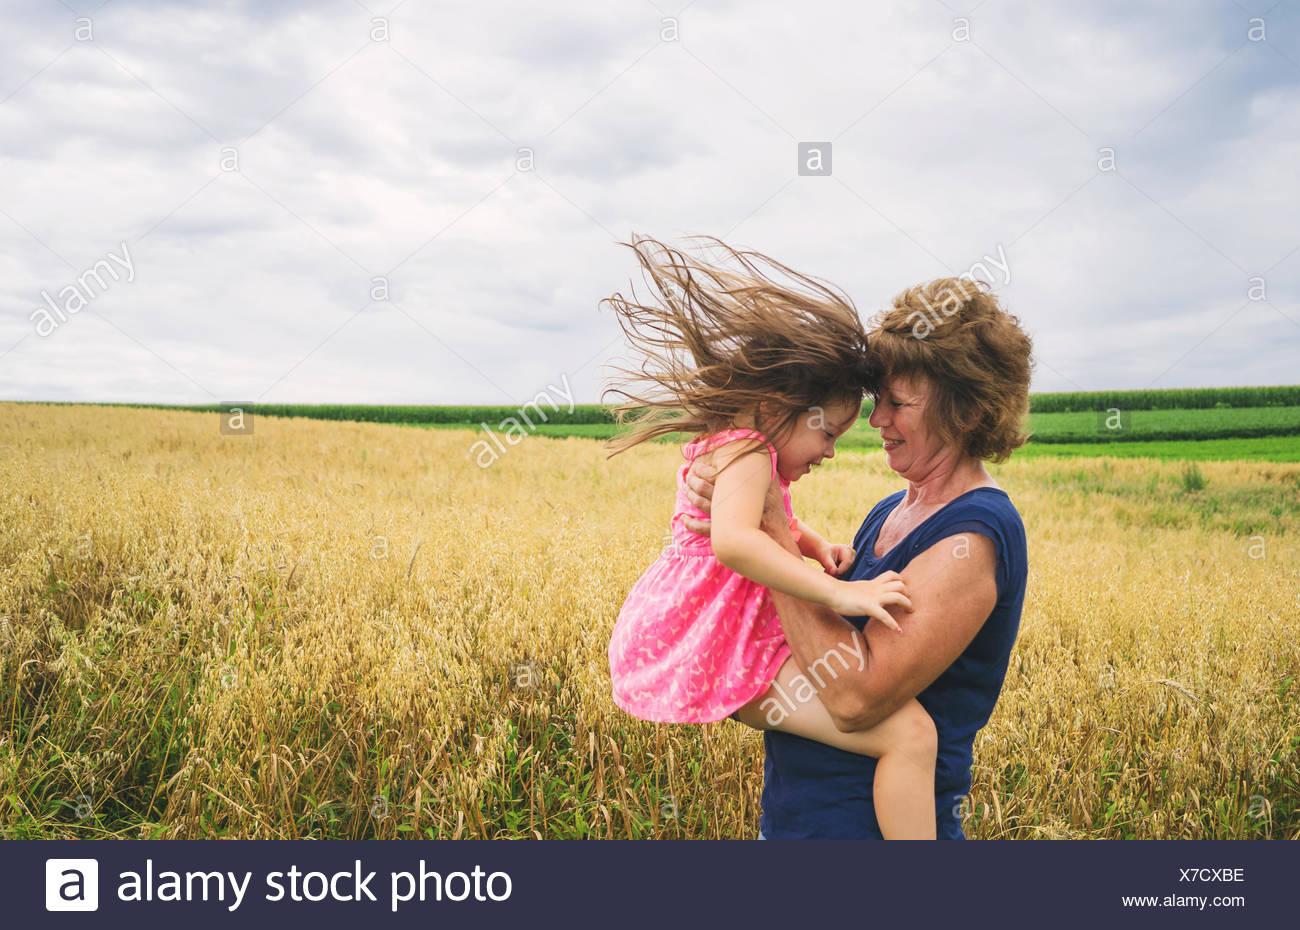 Reife Frauen heben Sie Babymädchen Stockbild